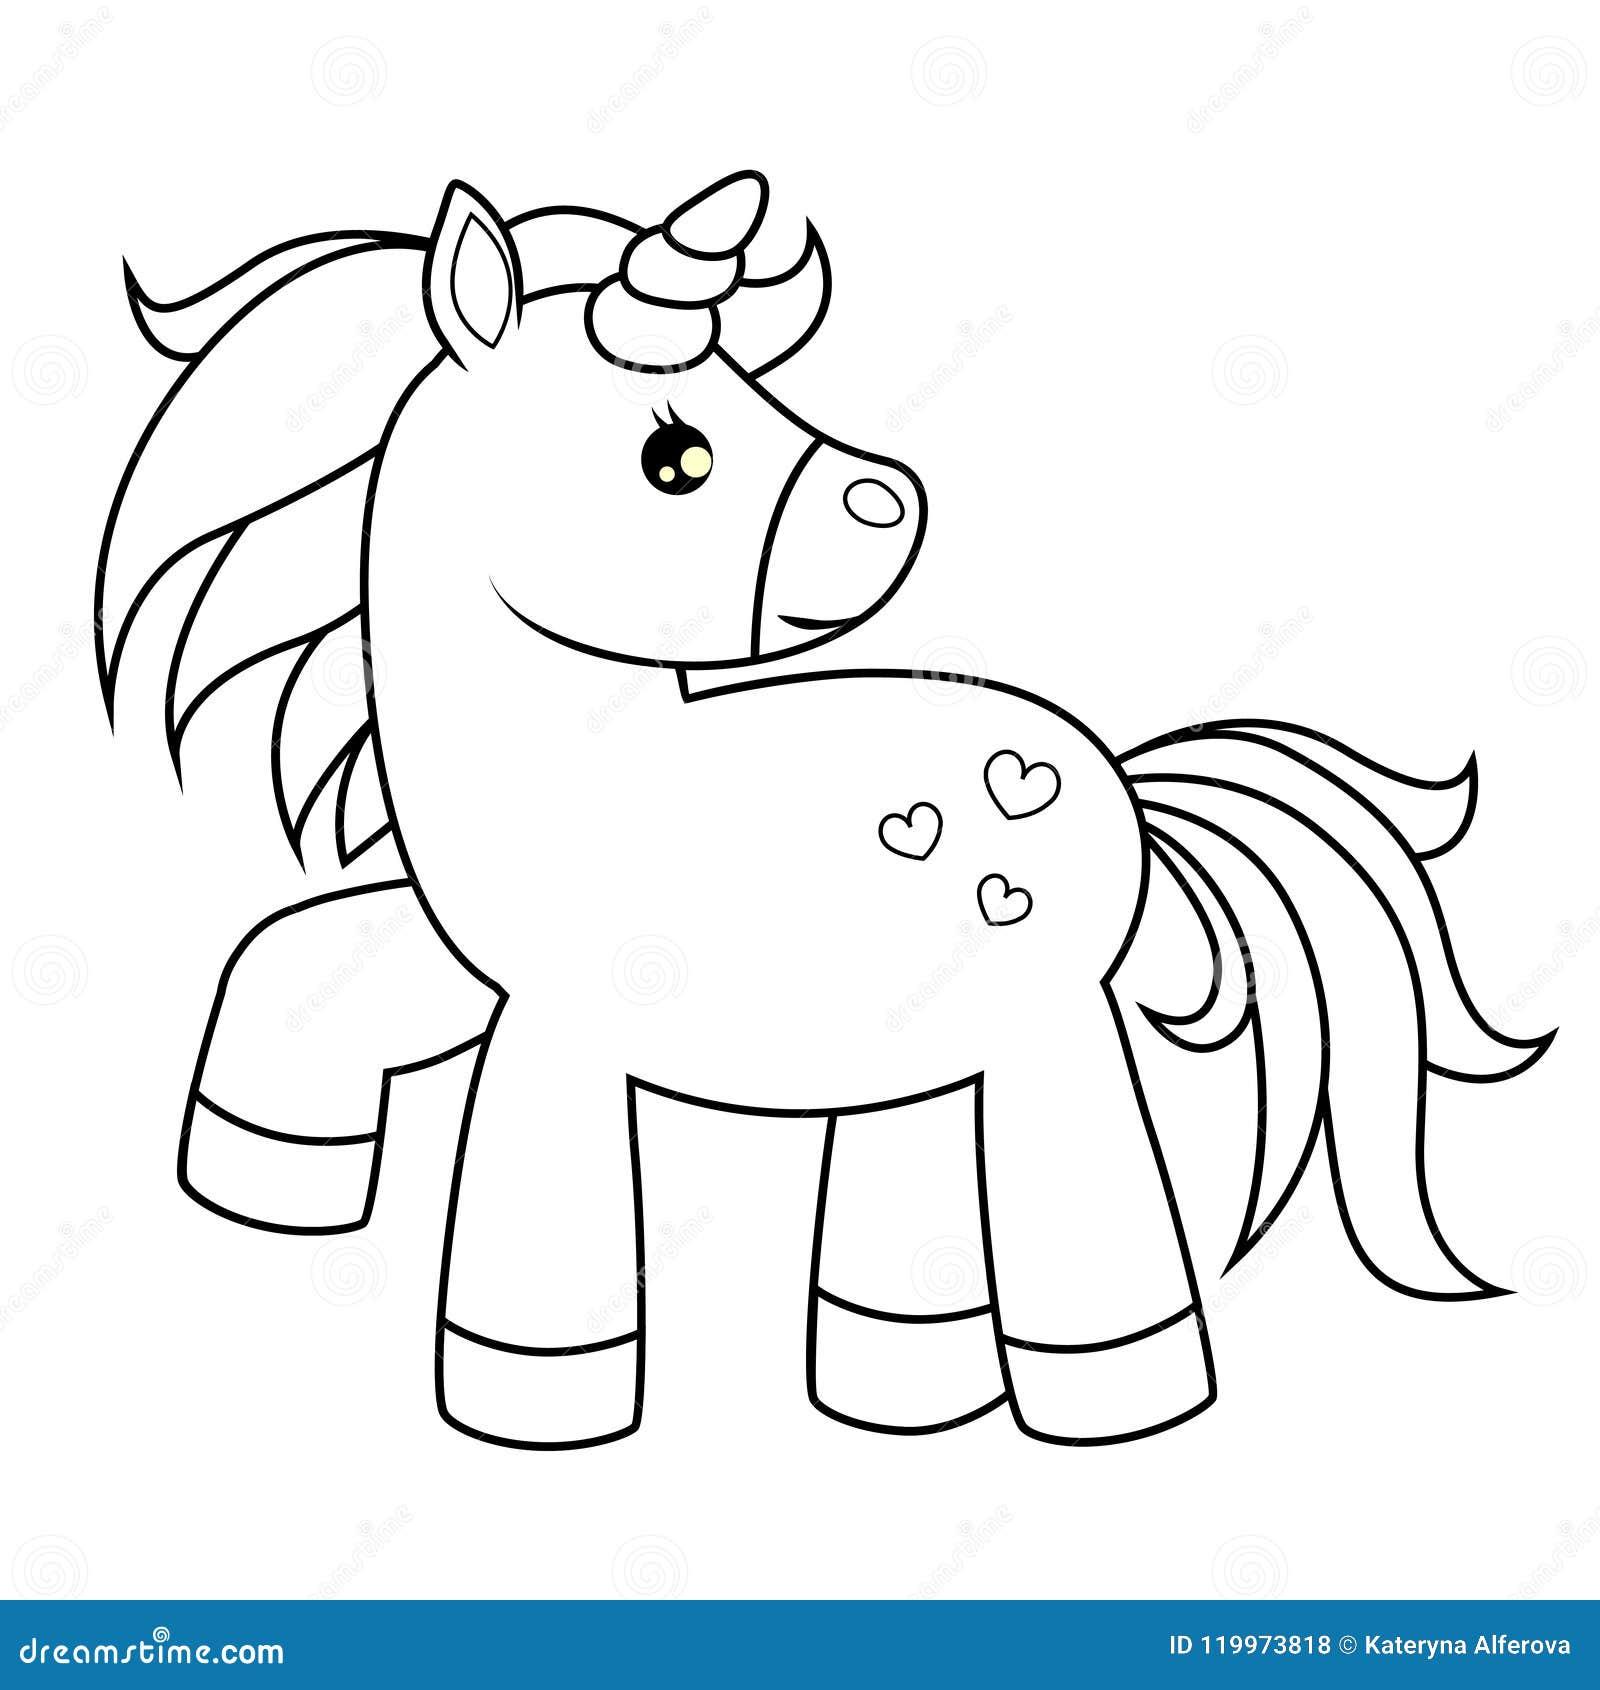 Unicornio Bonito Dos Desenhos Animados Ilustracao Preto E Branco